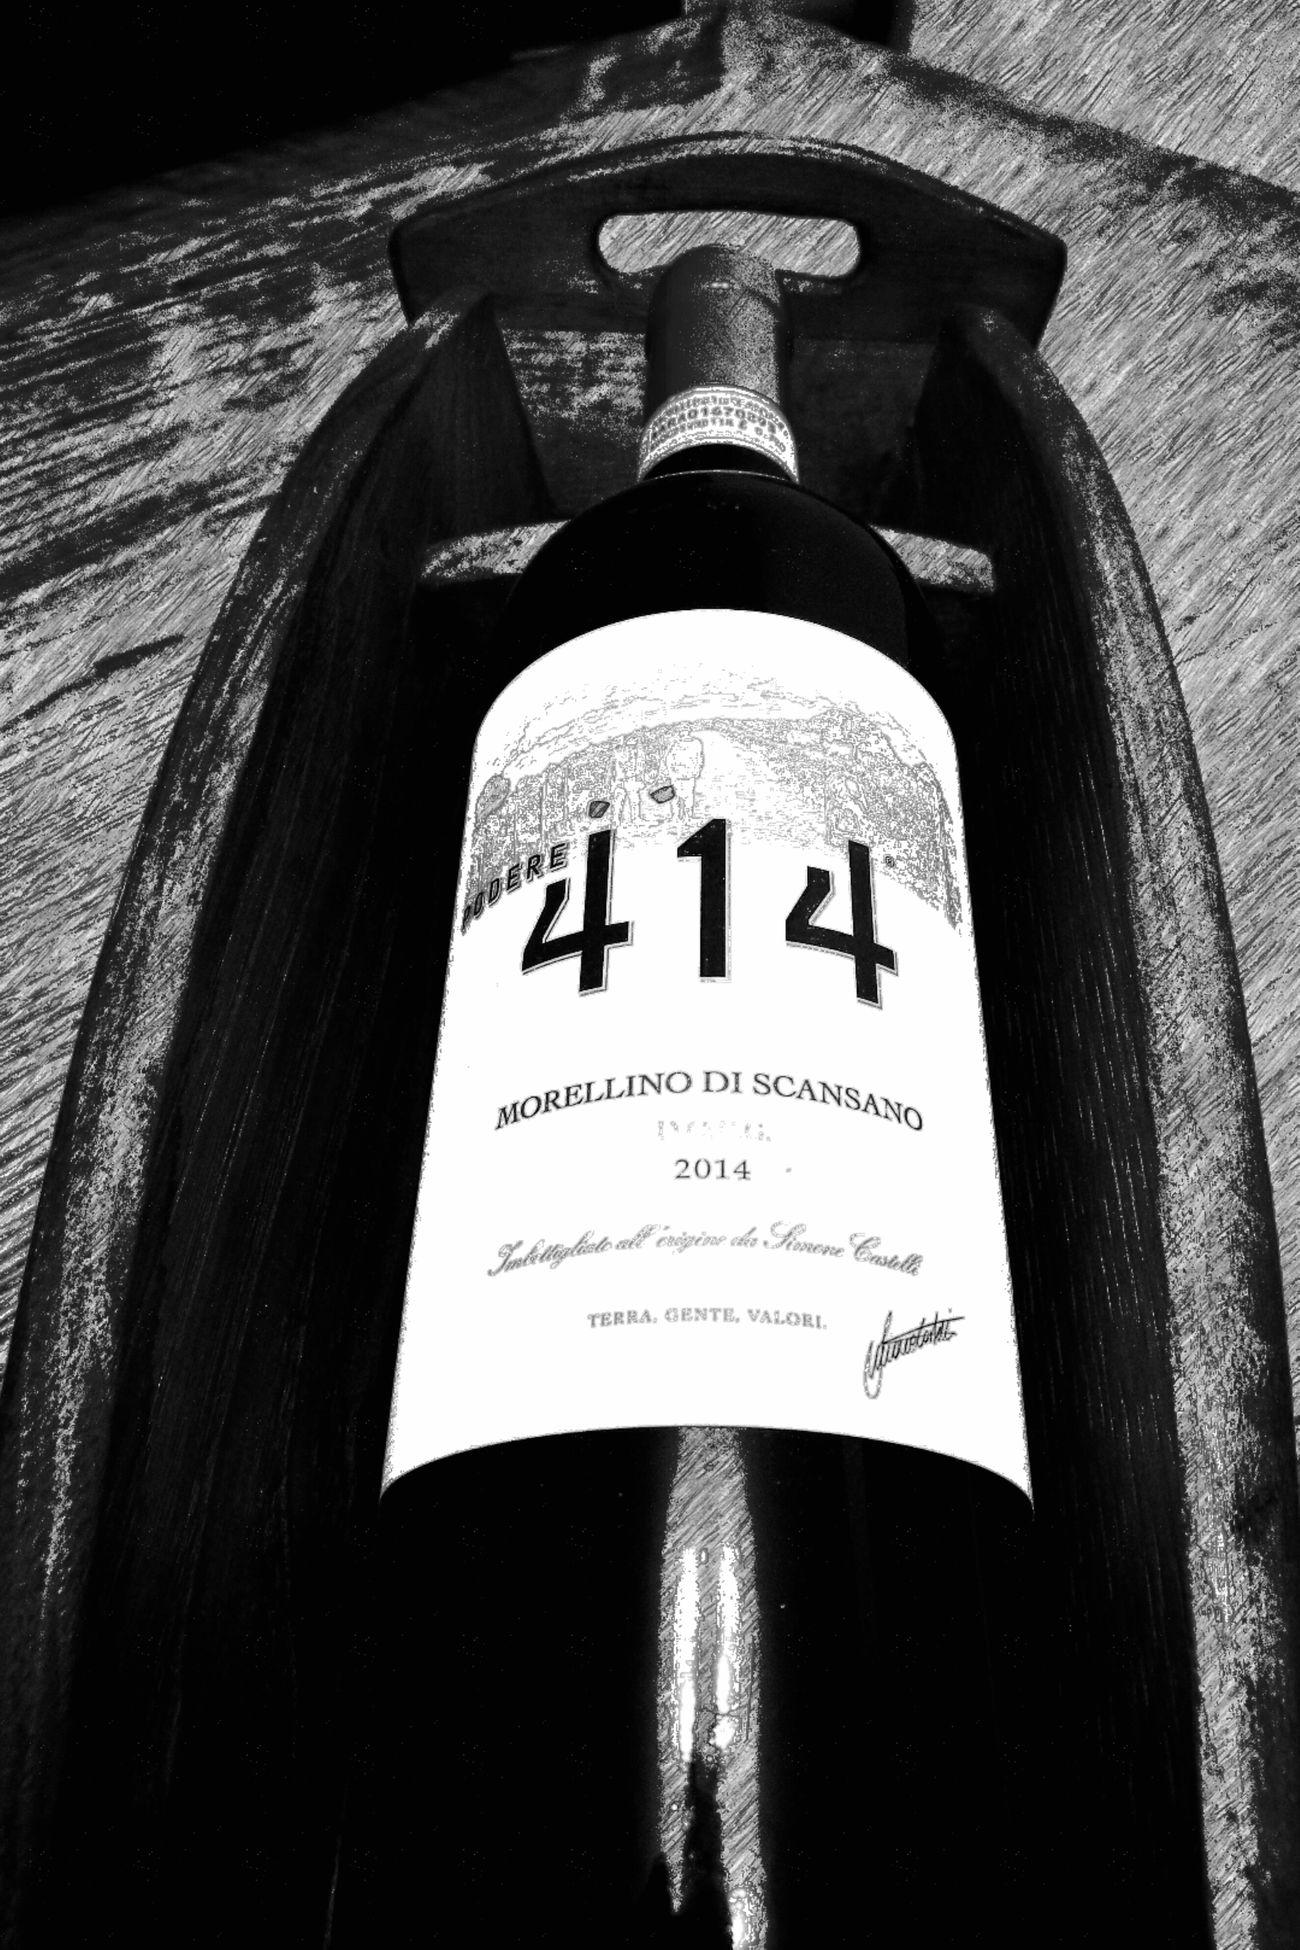 Battle Wine Morellino Di Scansano Alcohol Prodottilocali Italy🇮🇹 Toscana Maremma Grazie mamma che mi hai fatto maremmano..